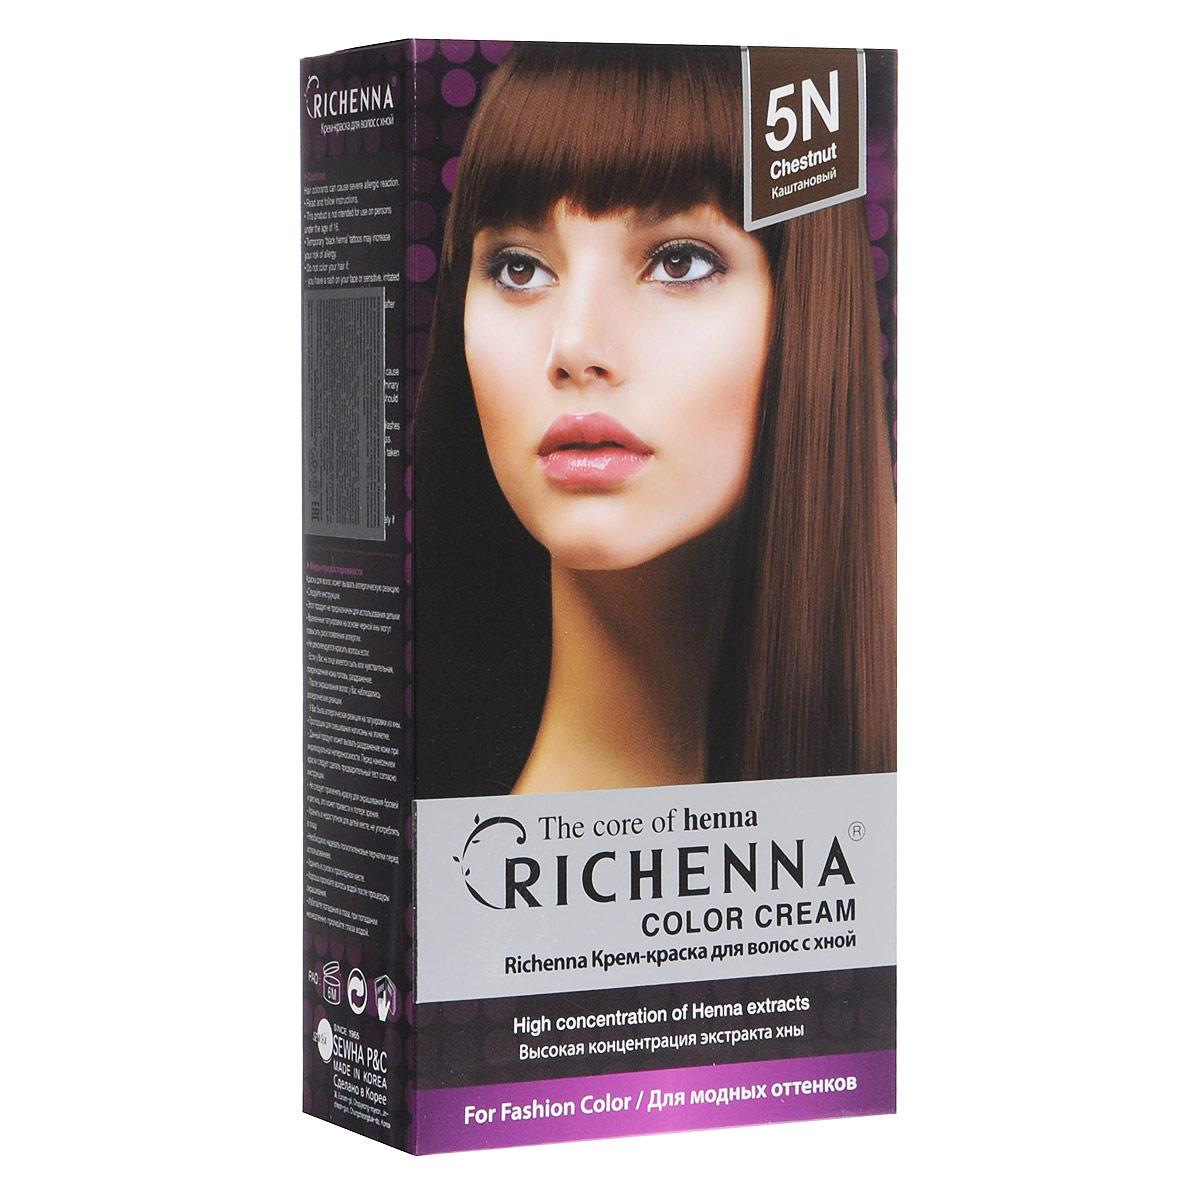 Richenna Крем-краска для волос, с хной, оттенок 5N, Каштановый08903